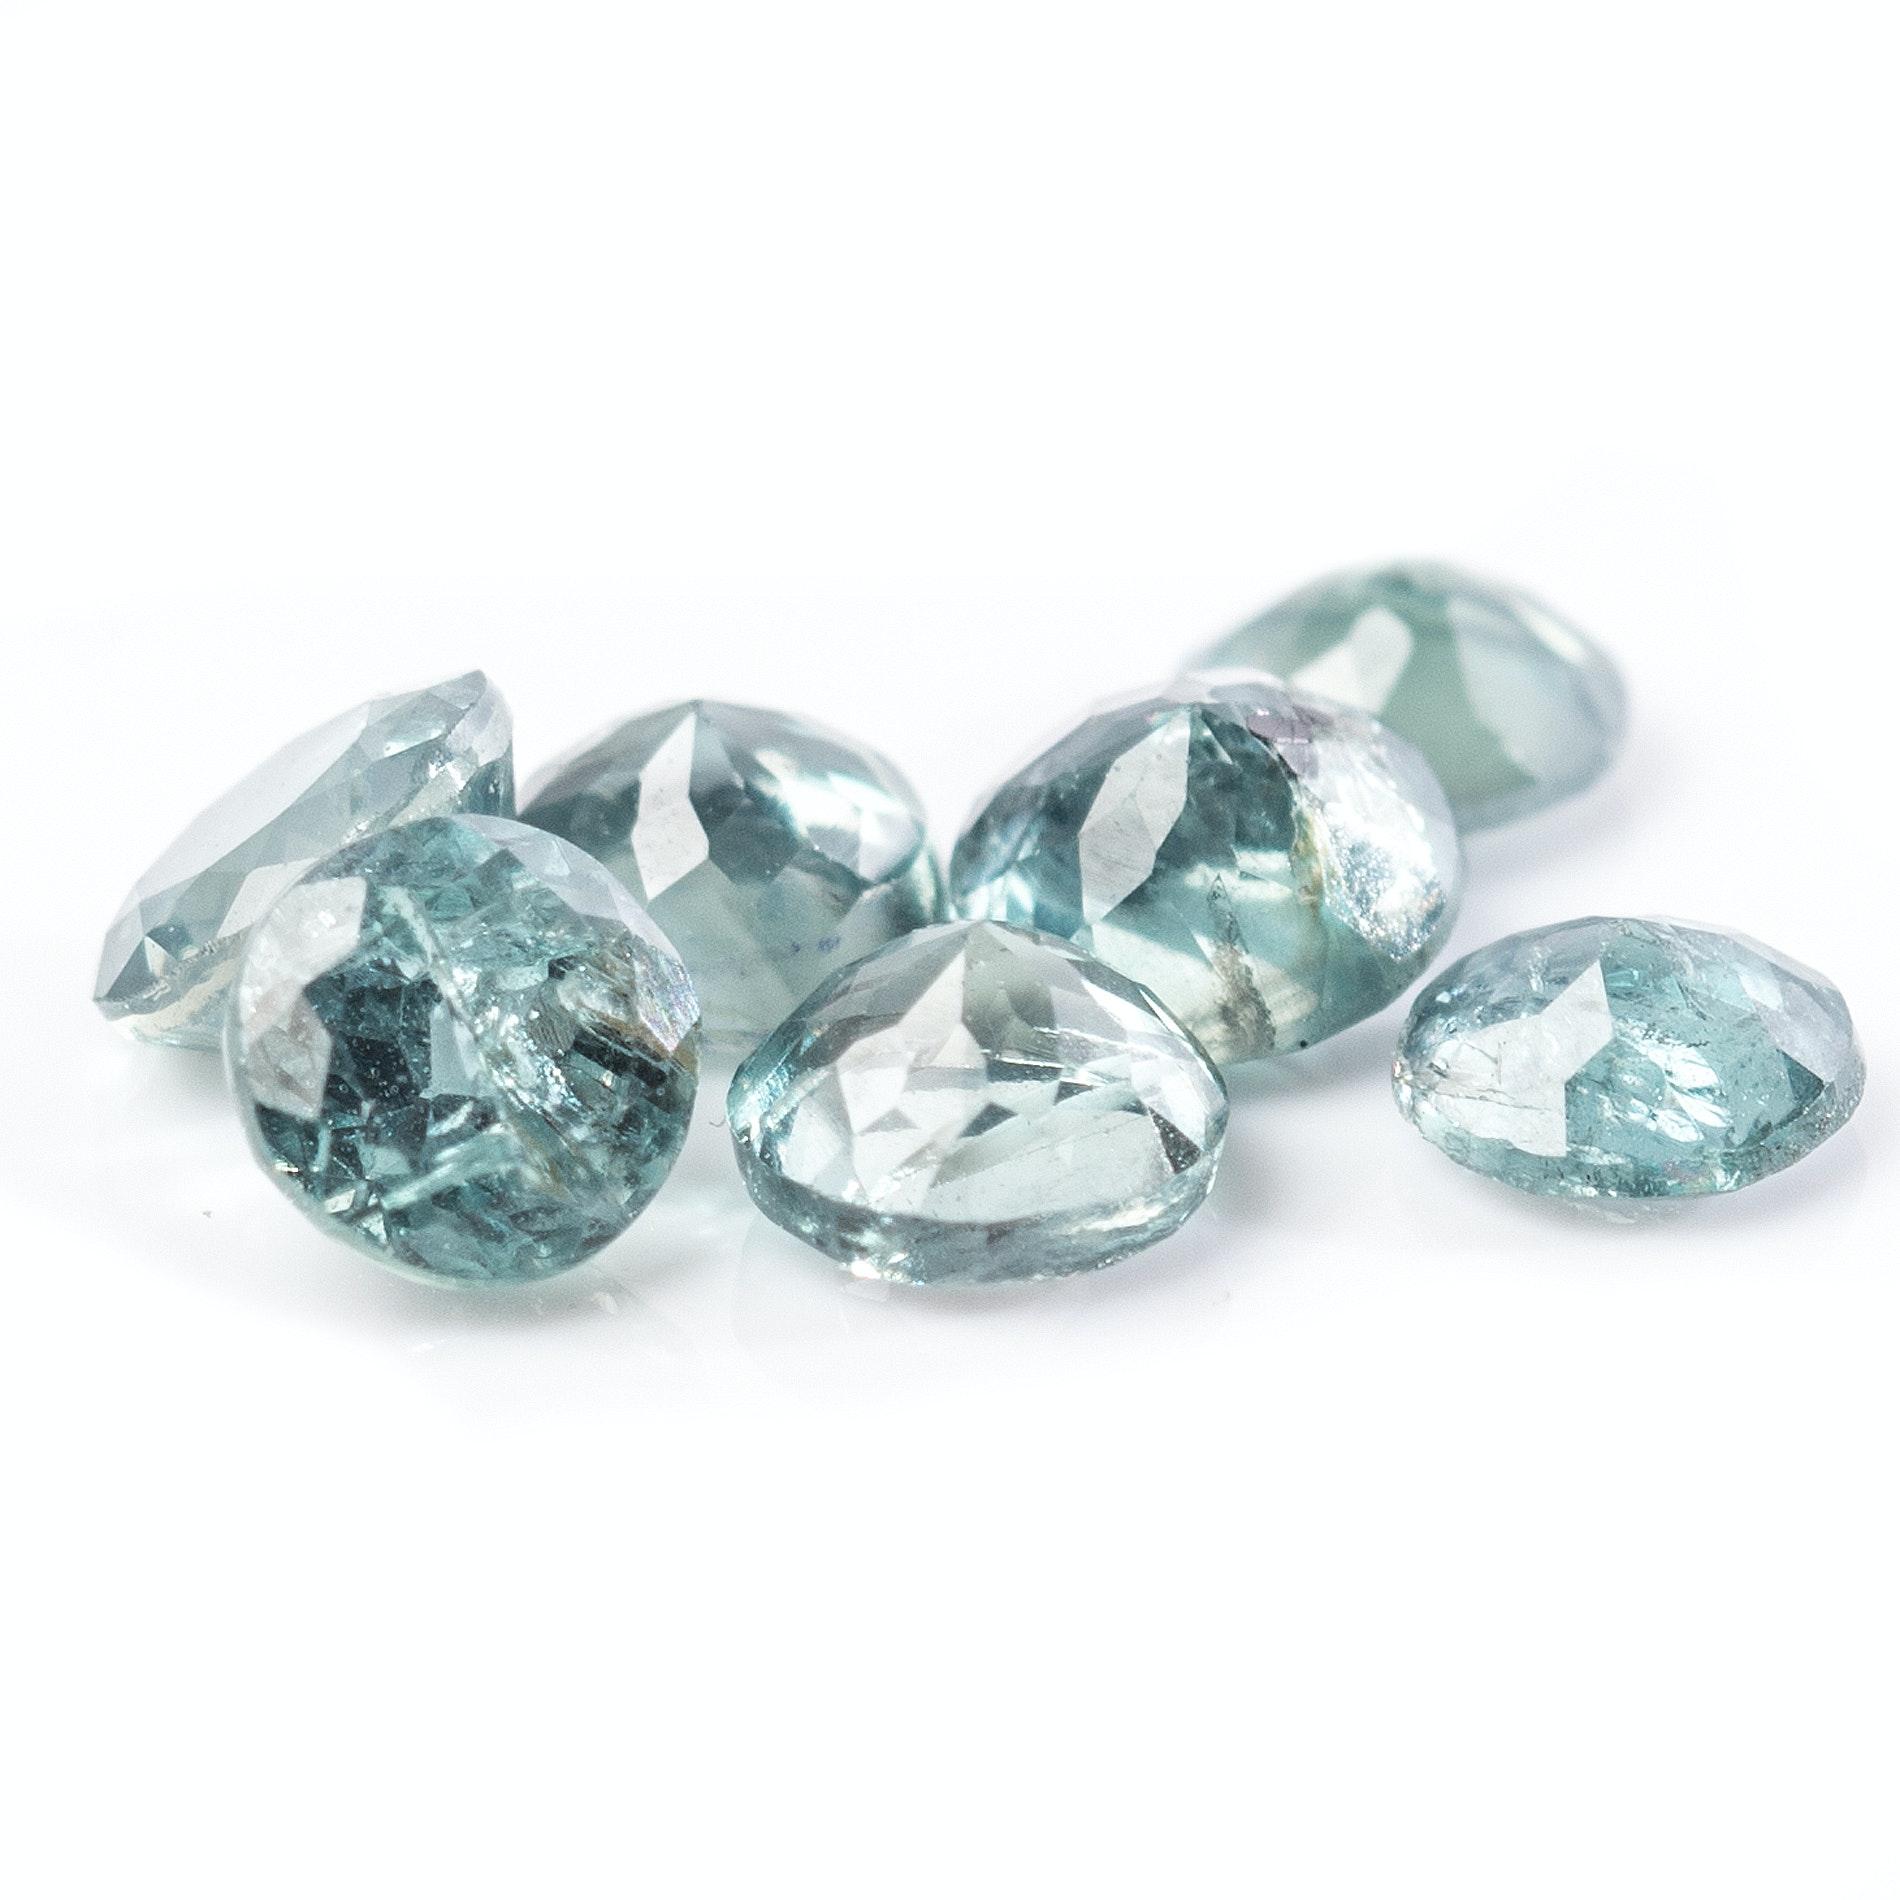 1.10 CTS Alexandrite Stones